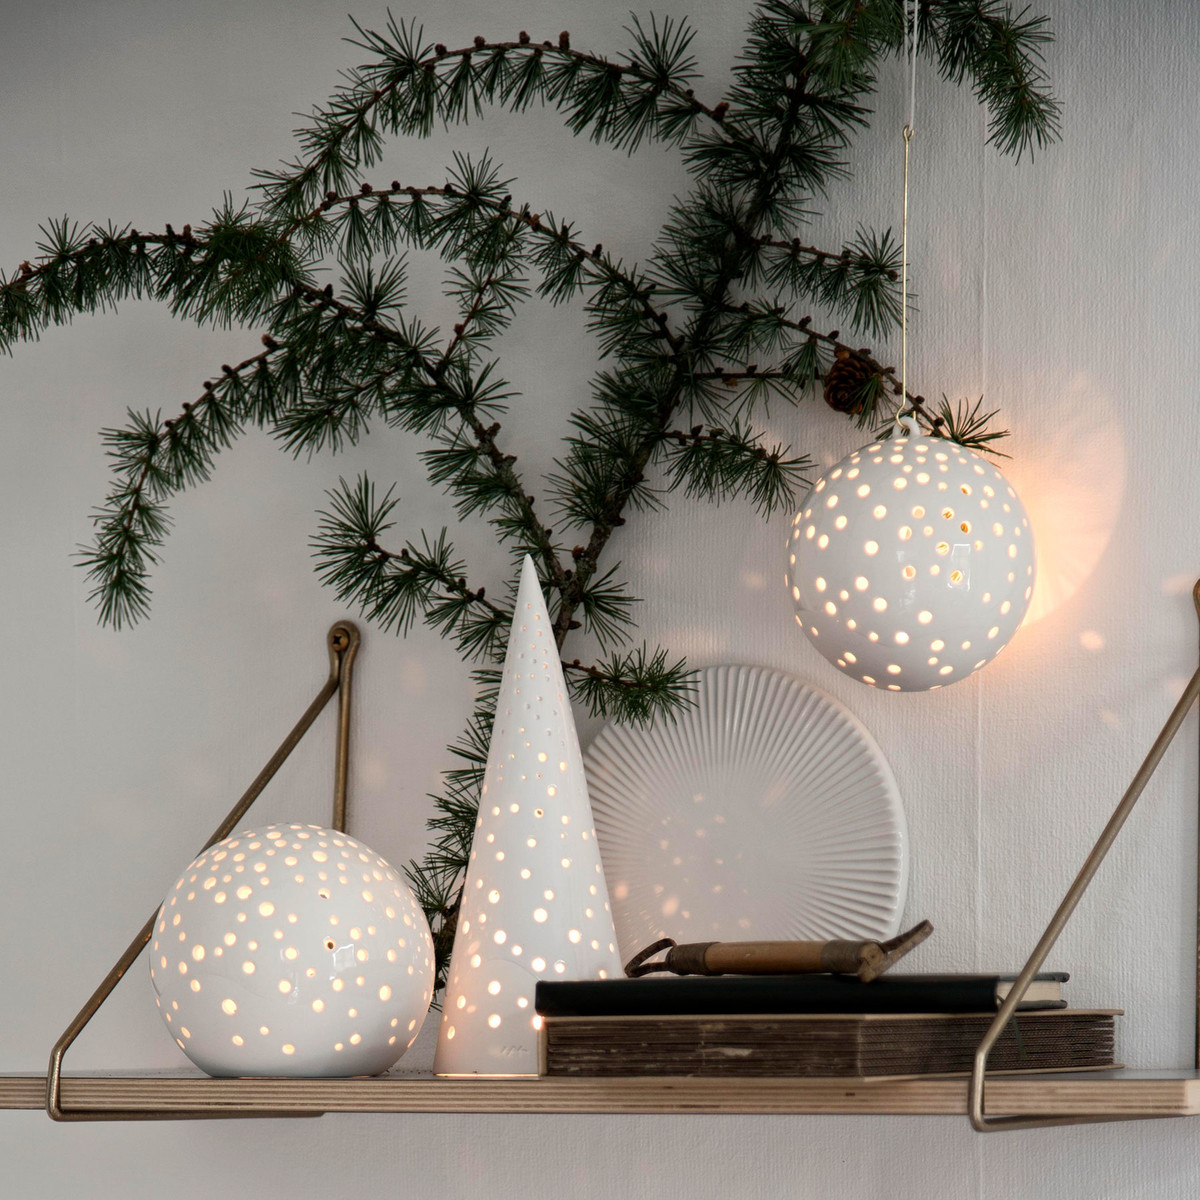 kaehler-design-nobili-teelichtleuchter-kugel-pyramide-weiss-regal-weihnachten-ambiente